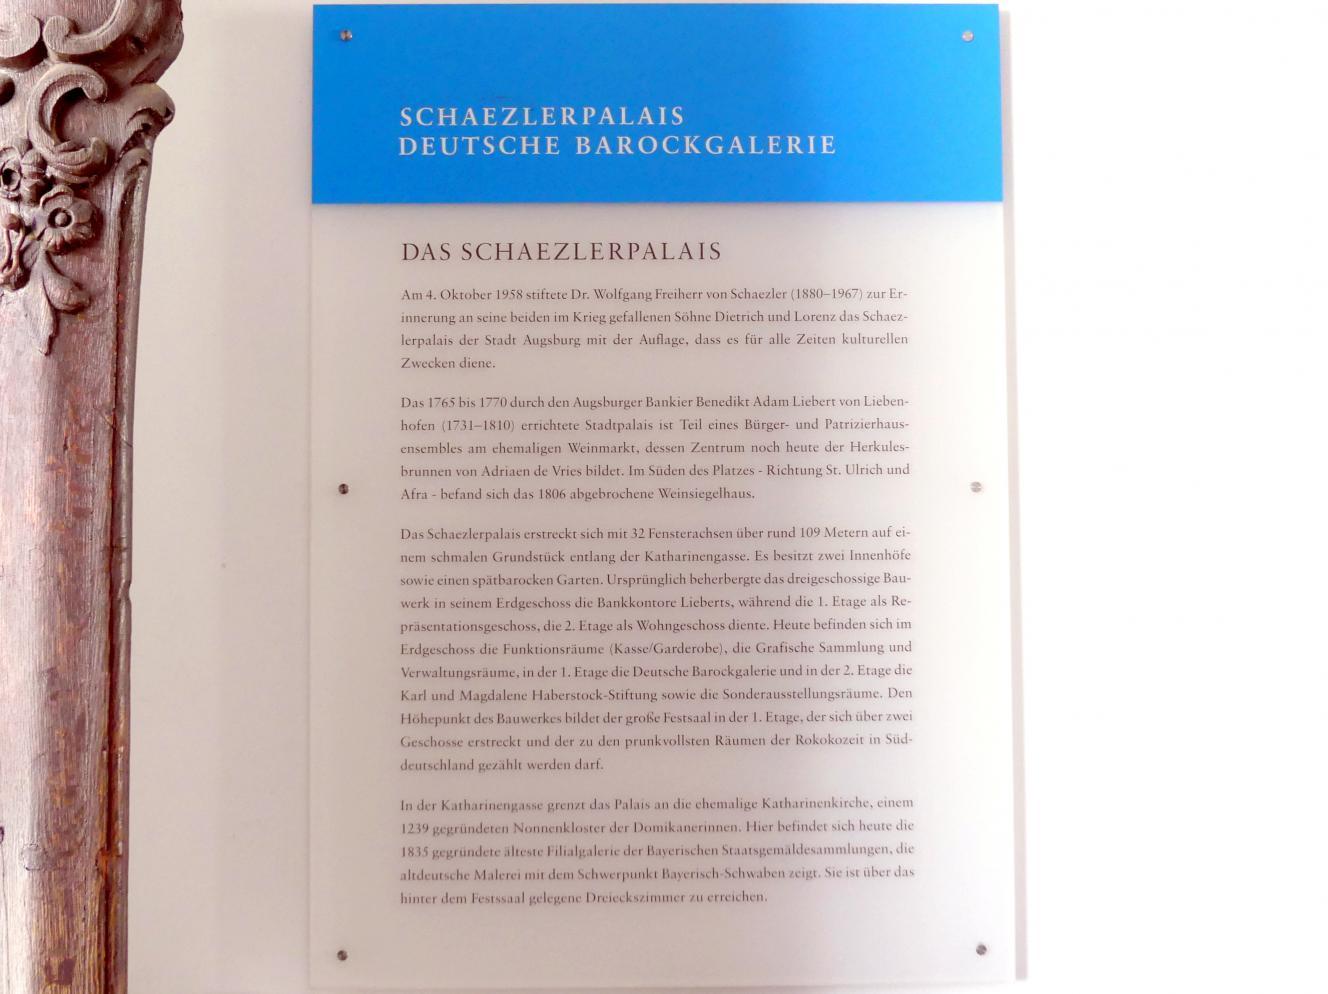 Augsburg, Deutsche Barockgalerie im Schaezlerpalais, Bild 4/6